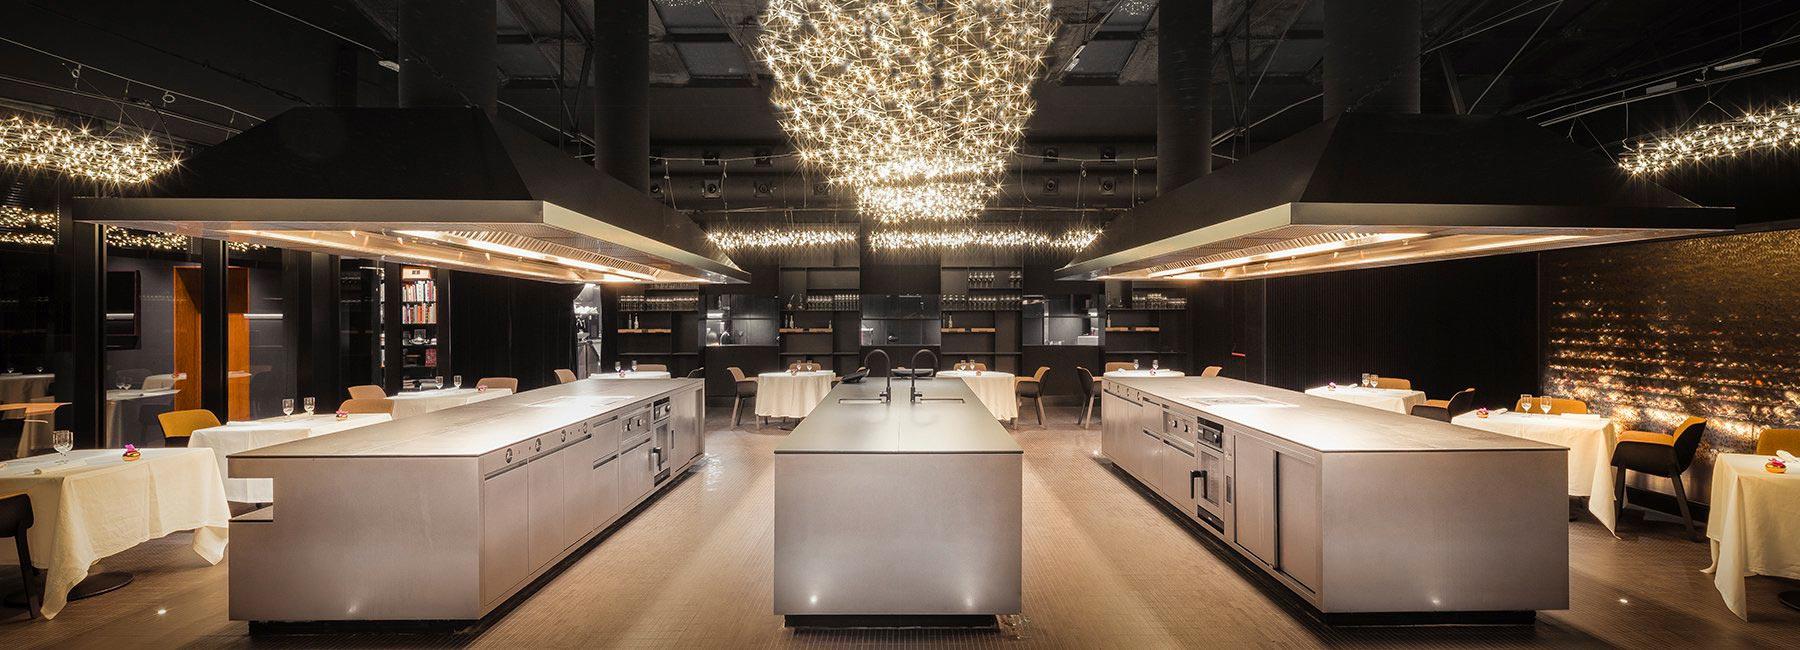 Ресторан с открытой кухней в Барселоне